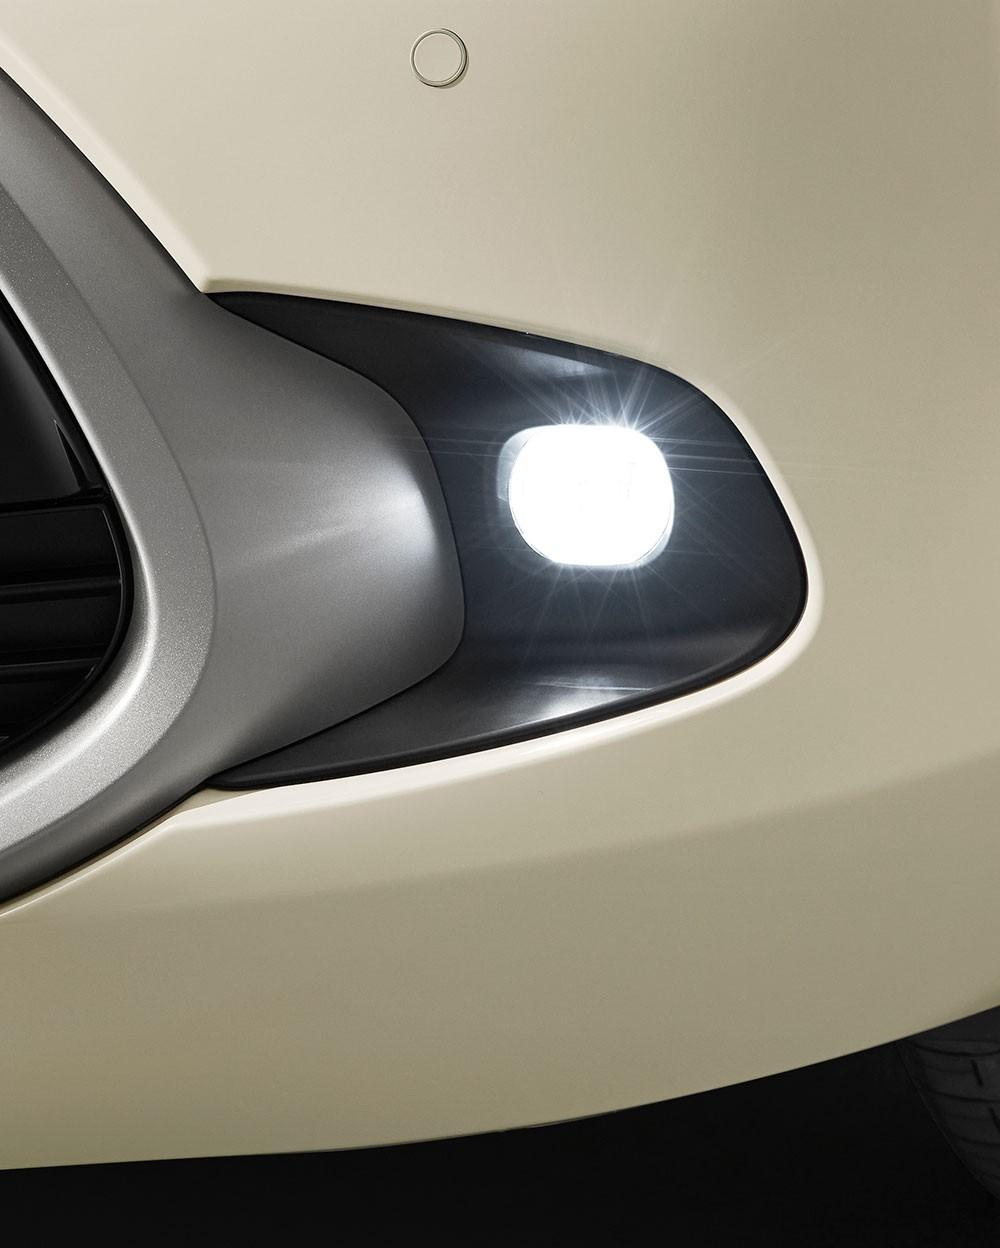 Đèn sương mù trước của Toyota Prius c 2021